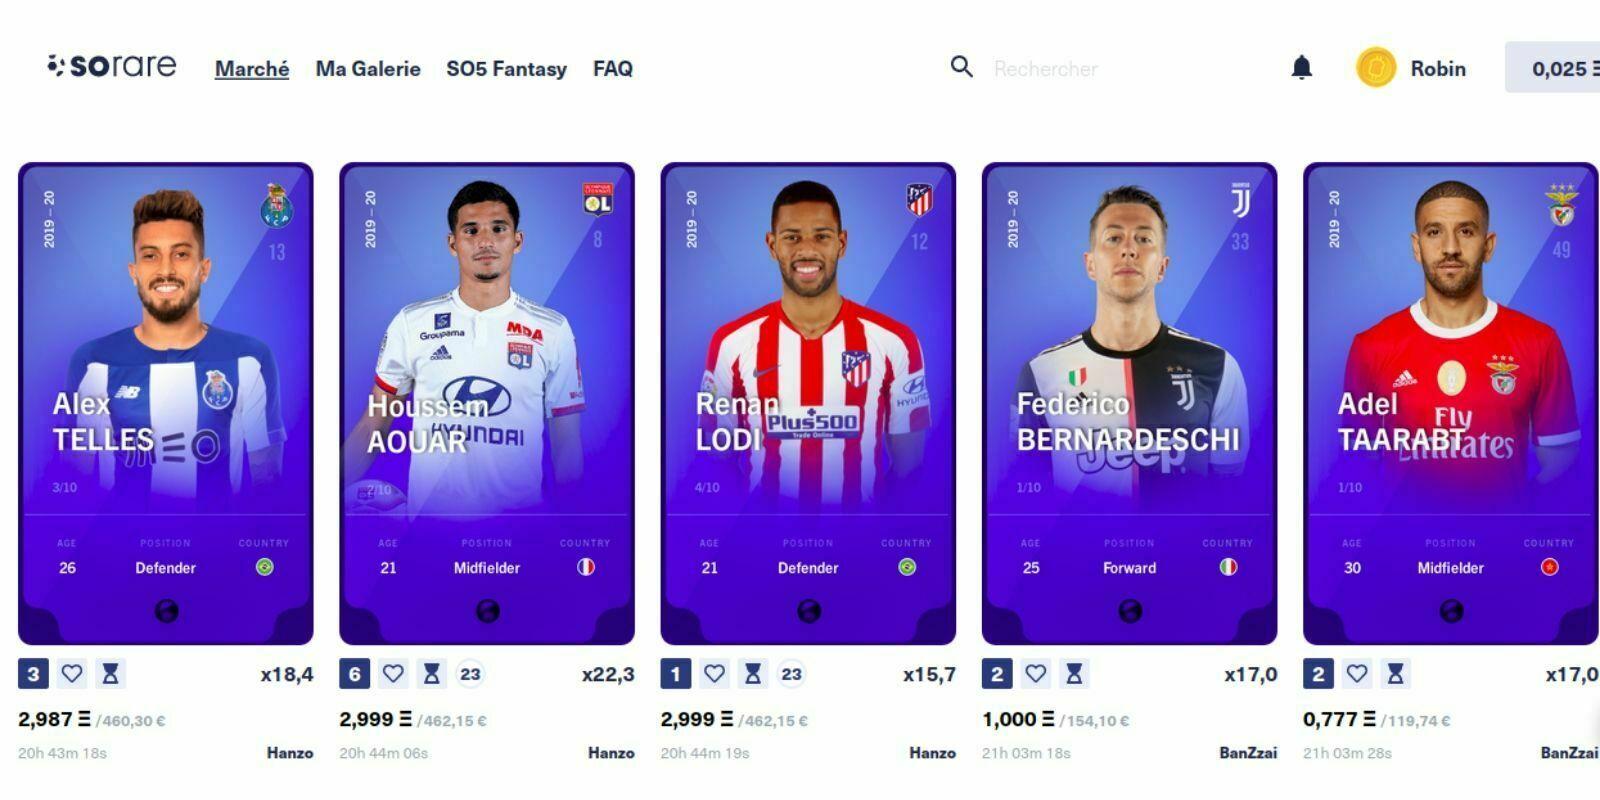 Sorare : le jeu de football sur la blockchain avec des cartes à collectionner